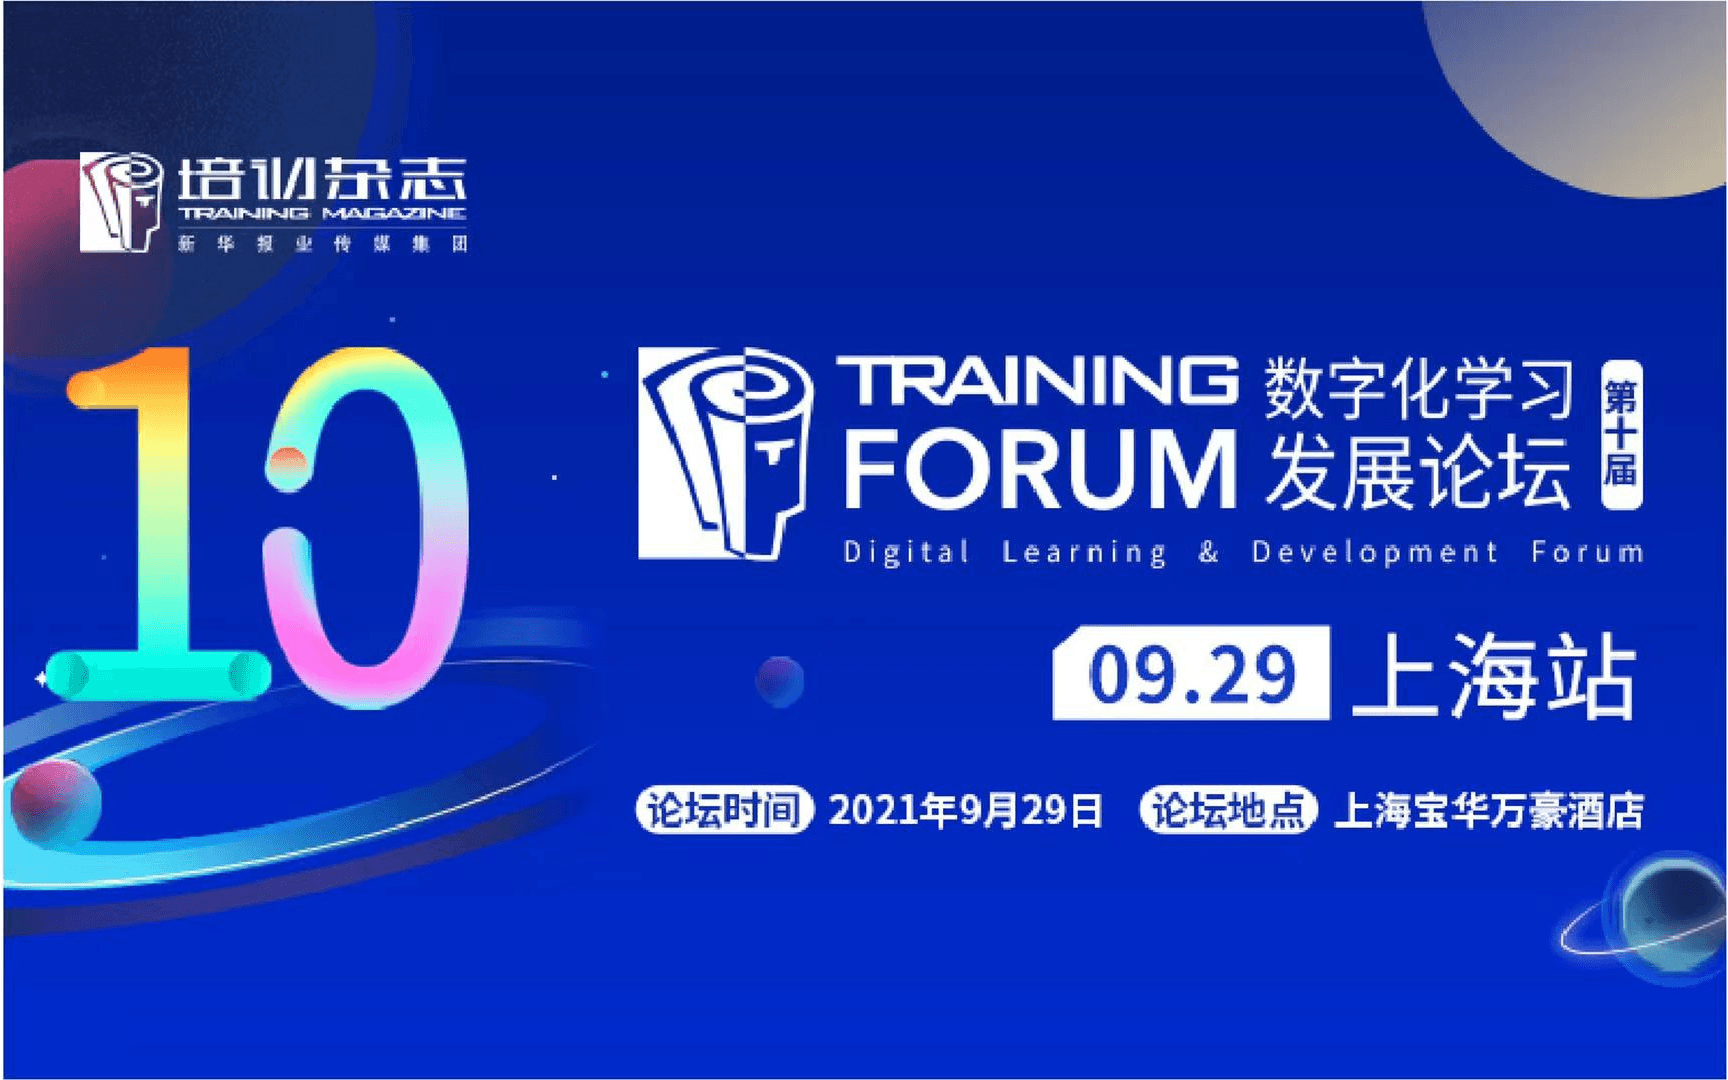 数字化学习发展论坛 上海站